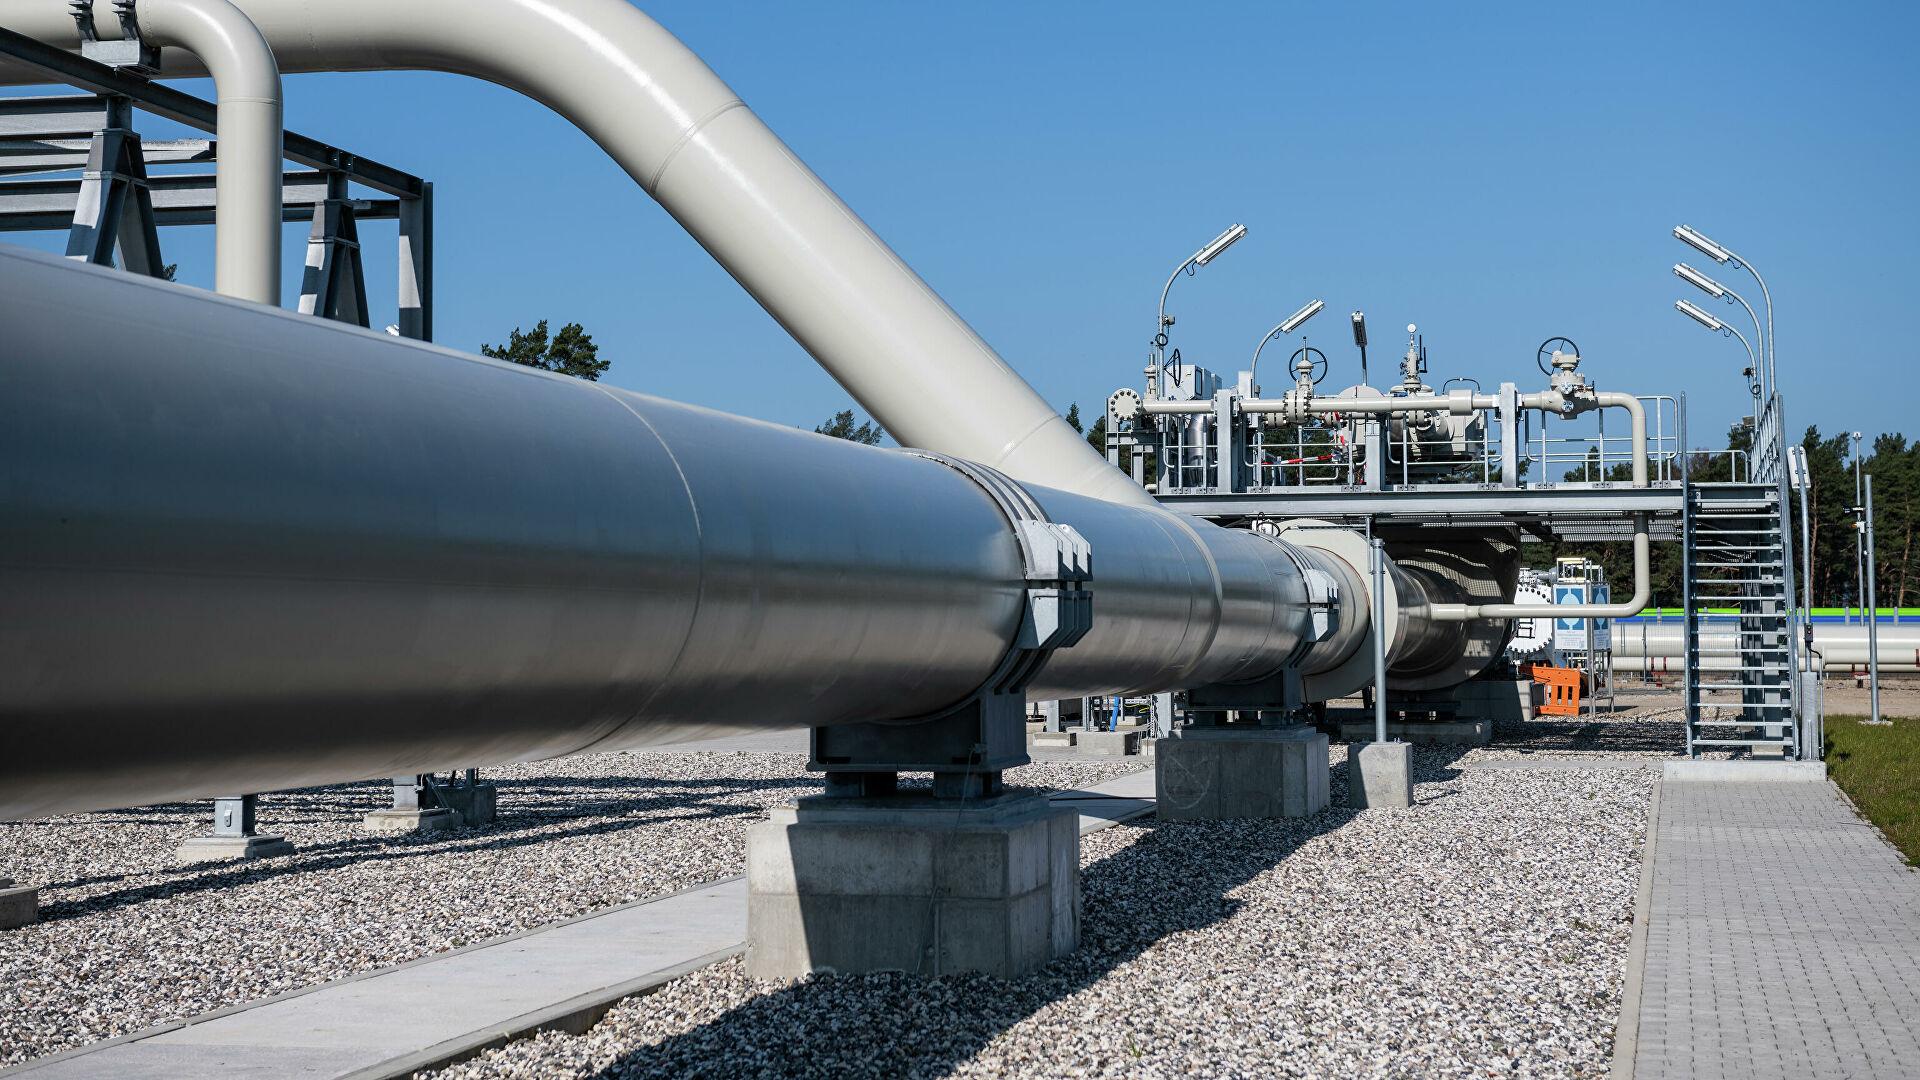 """Борељ: Уговор између """"Гаспрома"""" и Мађарске о испоруци гаса заобилазећи Украјину у складу са европским законима"""